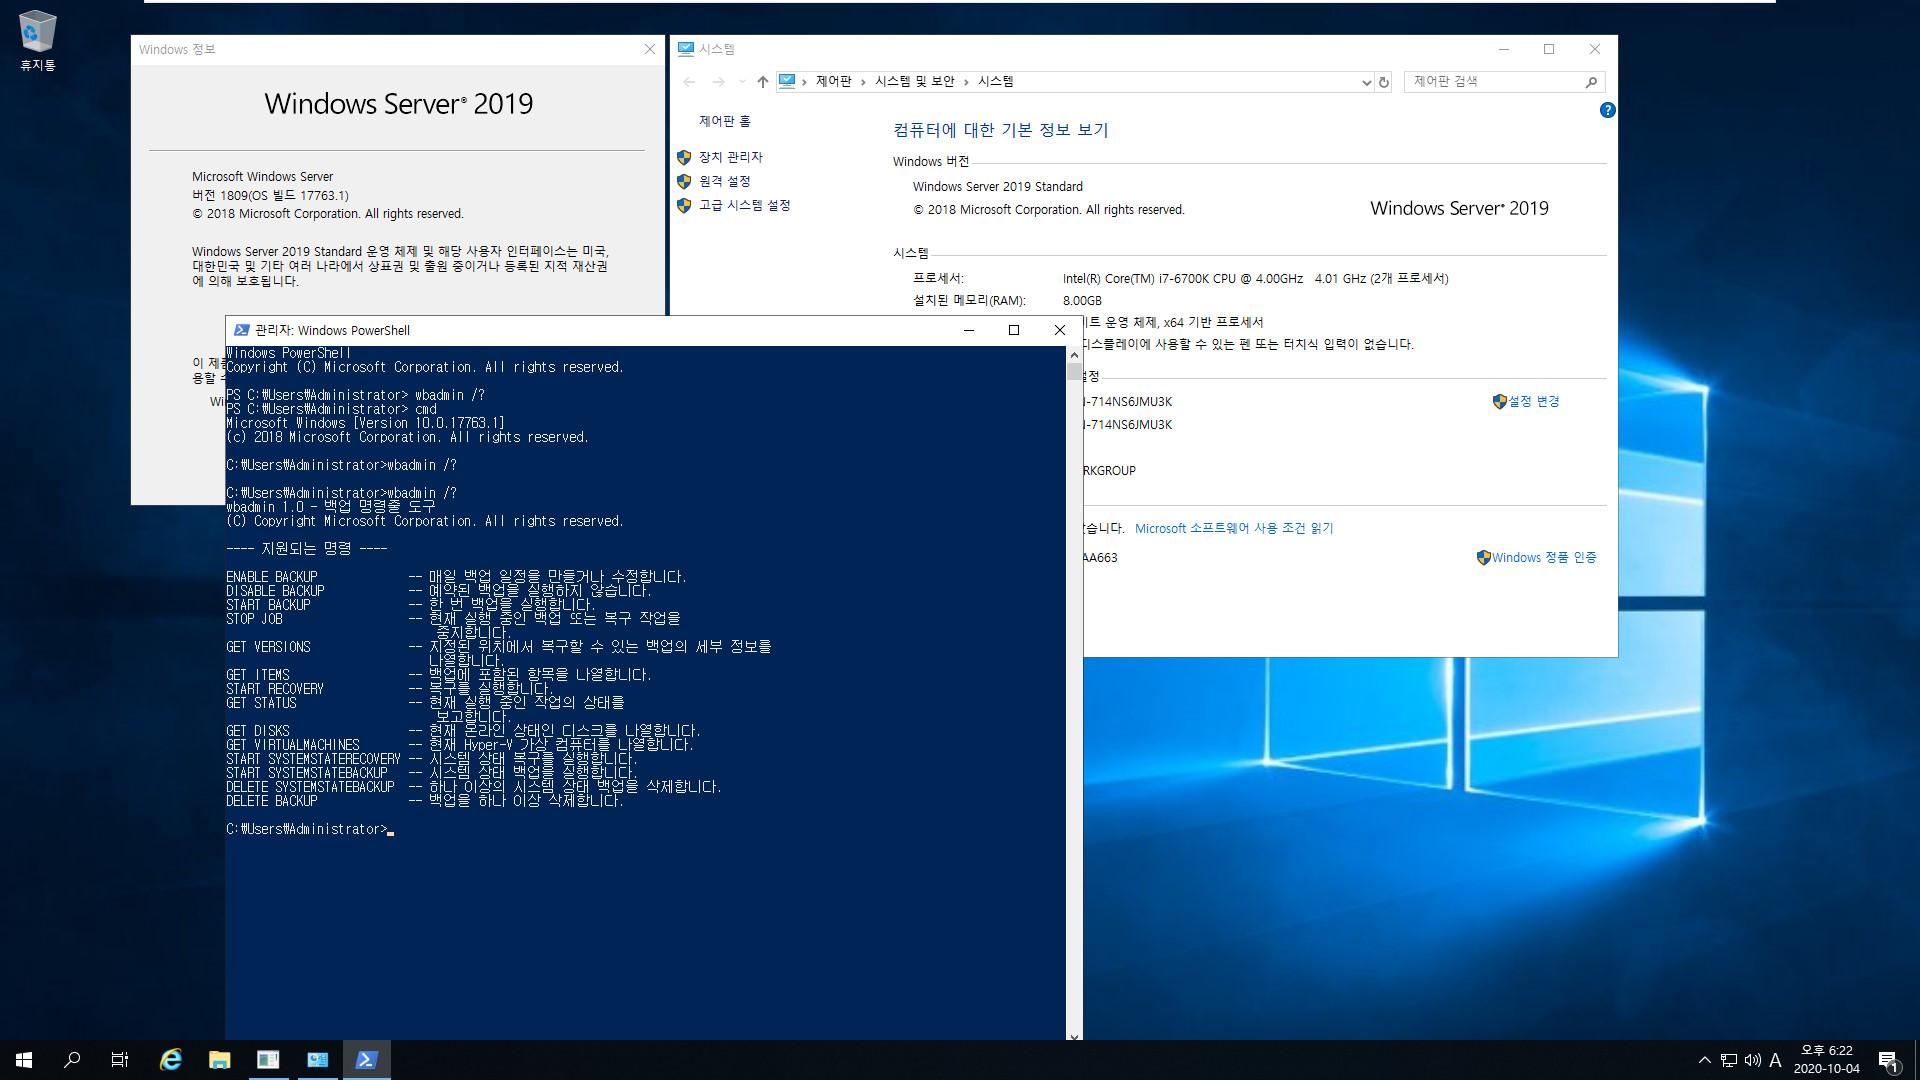 윈도우 서버군은 윈도우 사용중에도 자체 WBadmin 명령으로 윈도우 복구를 합니다 - Windows Server 2019로 복구 테스트 2020-10-04_182253.jpg